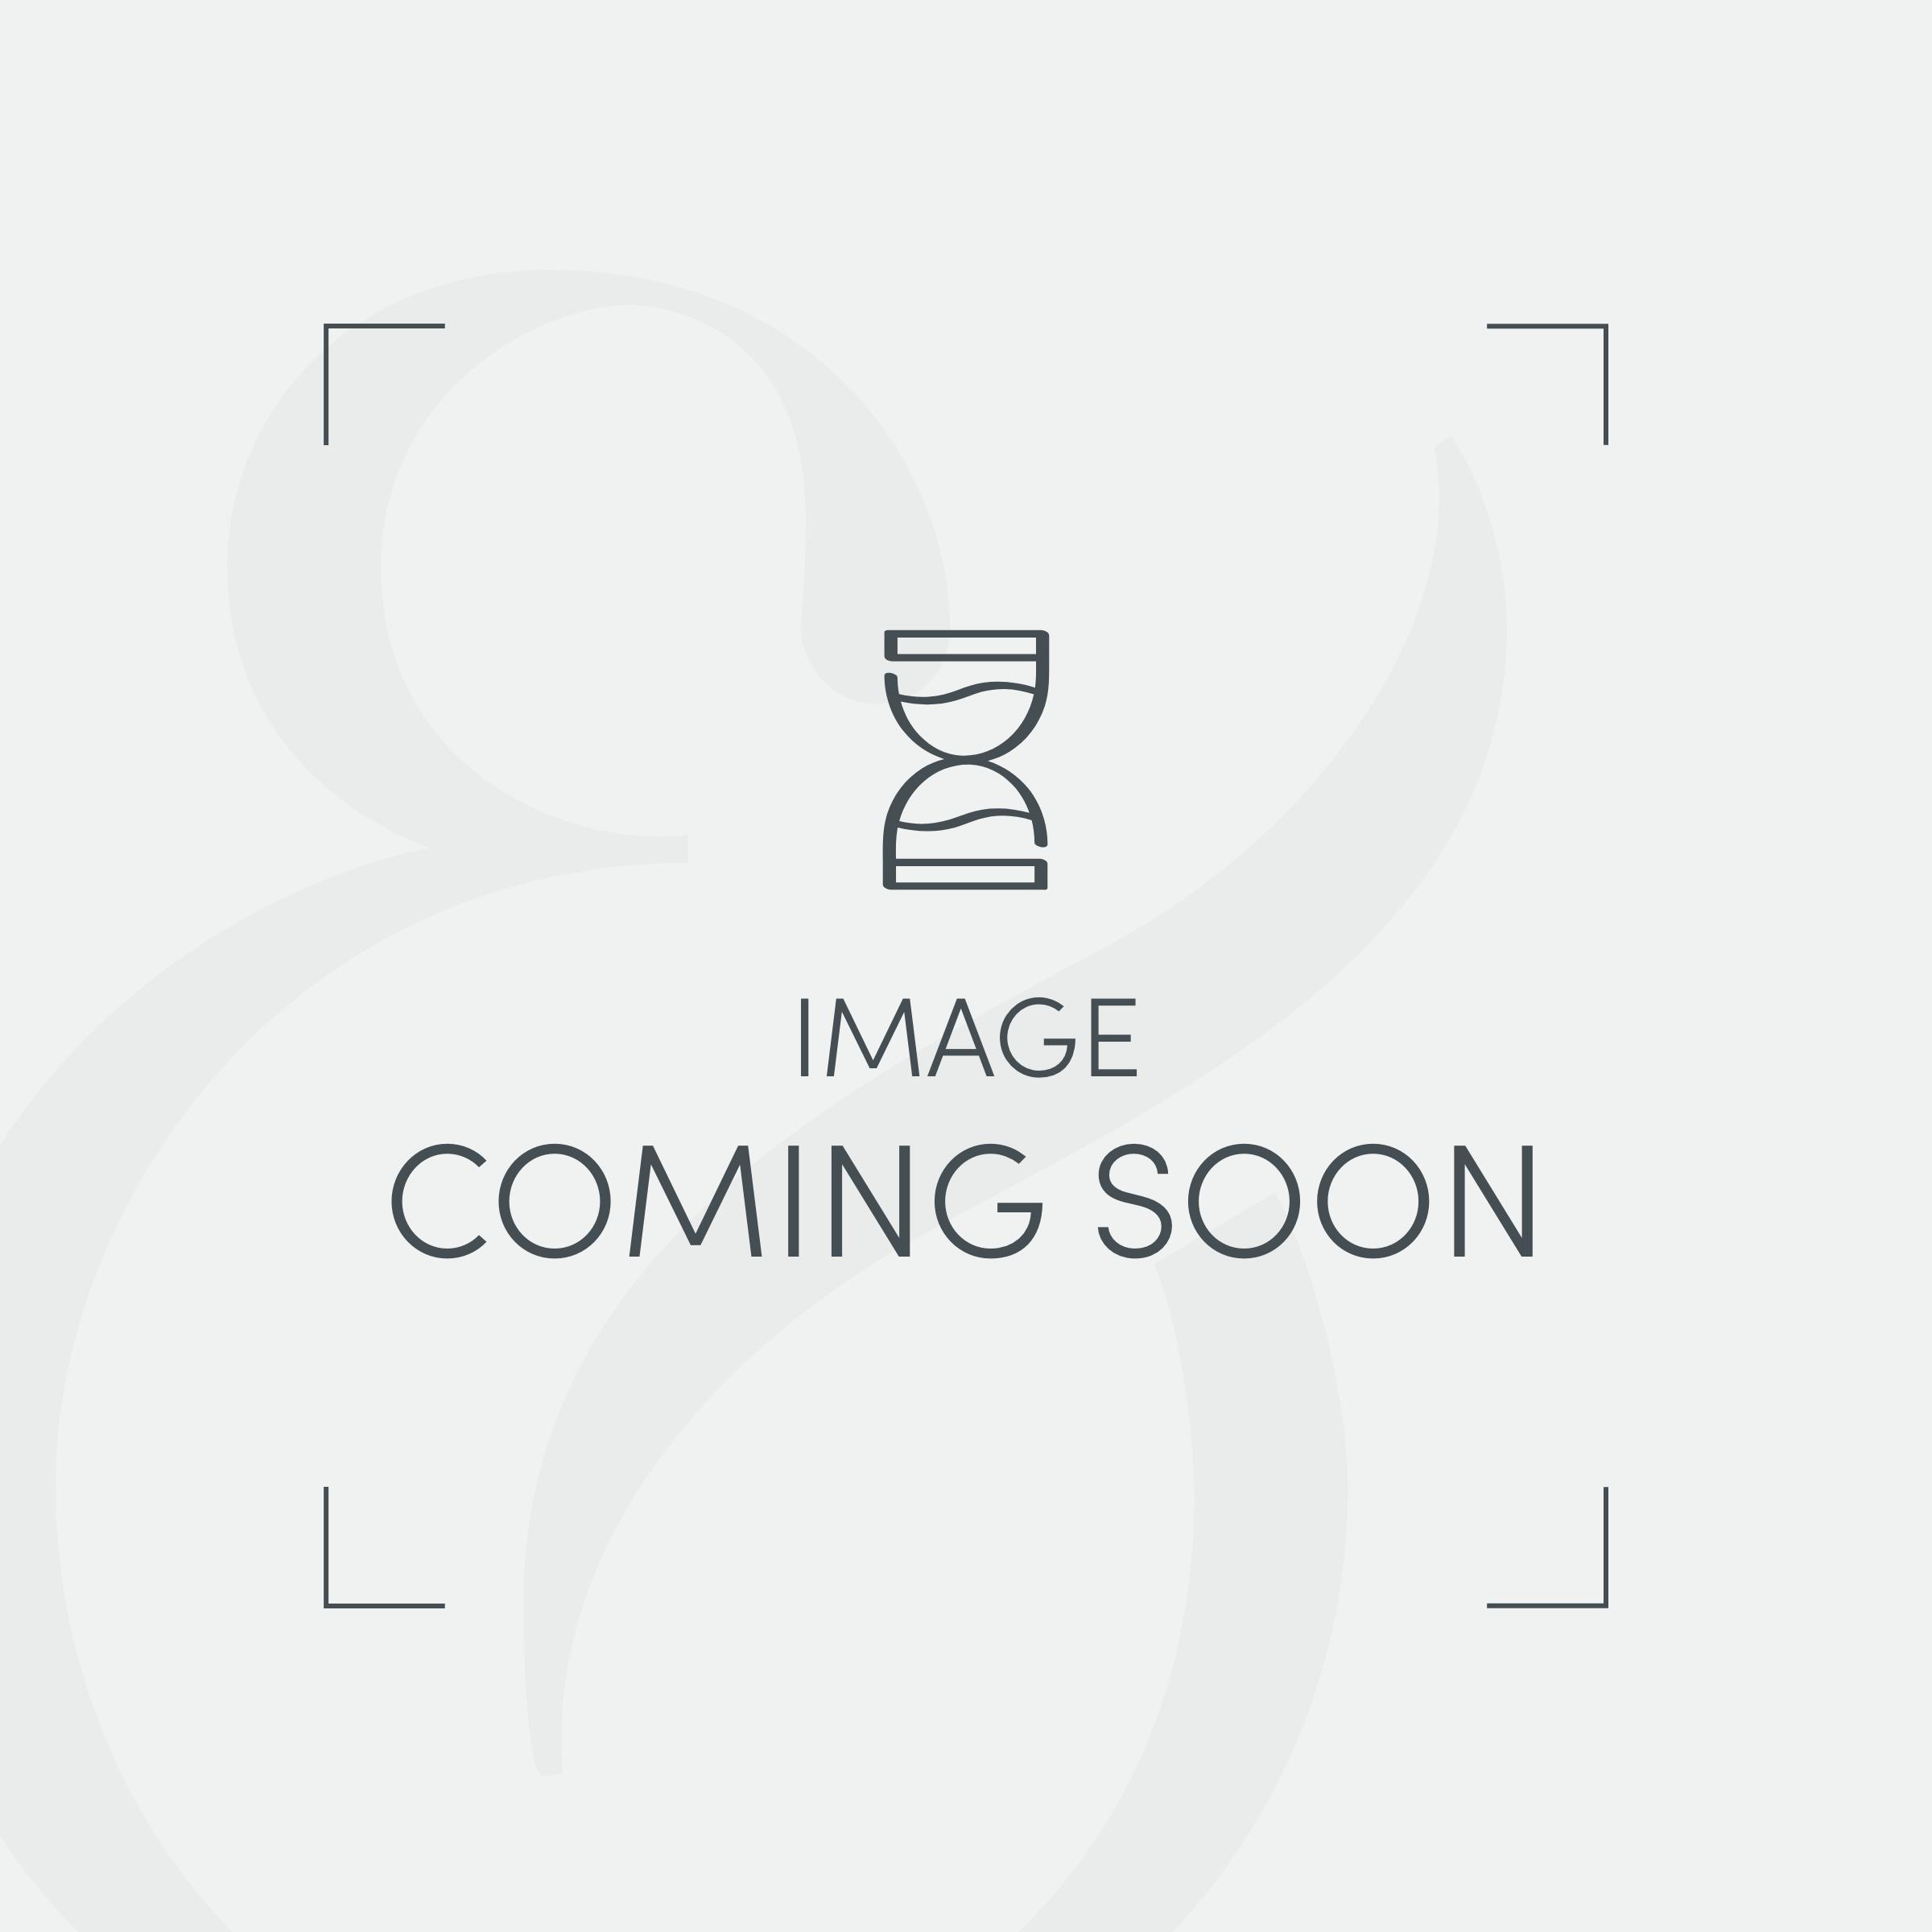 Goose Feather & Down Standard Pillow Pair - Medium/Firm